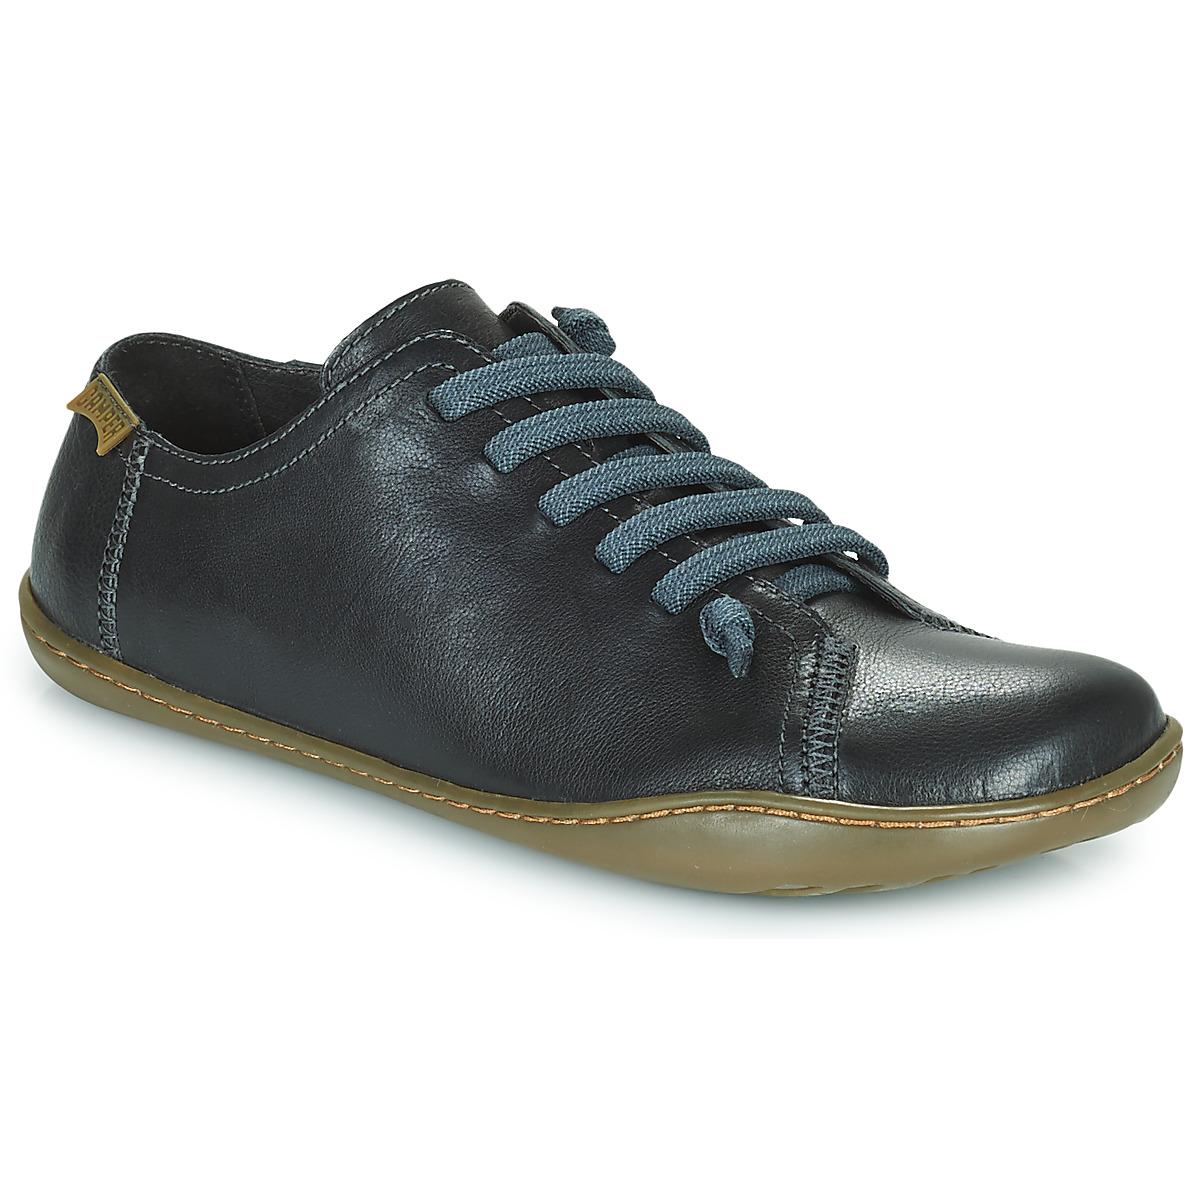 camper peu cami nero consegna gratuita con scarpe derby donna 130 50. Black Bedroom Furniture Sets. Home Design Ideas